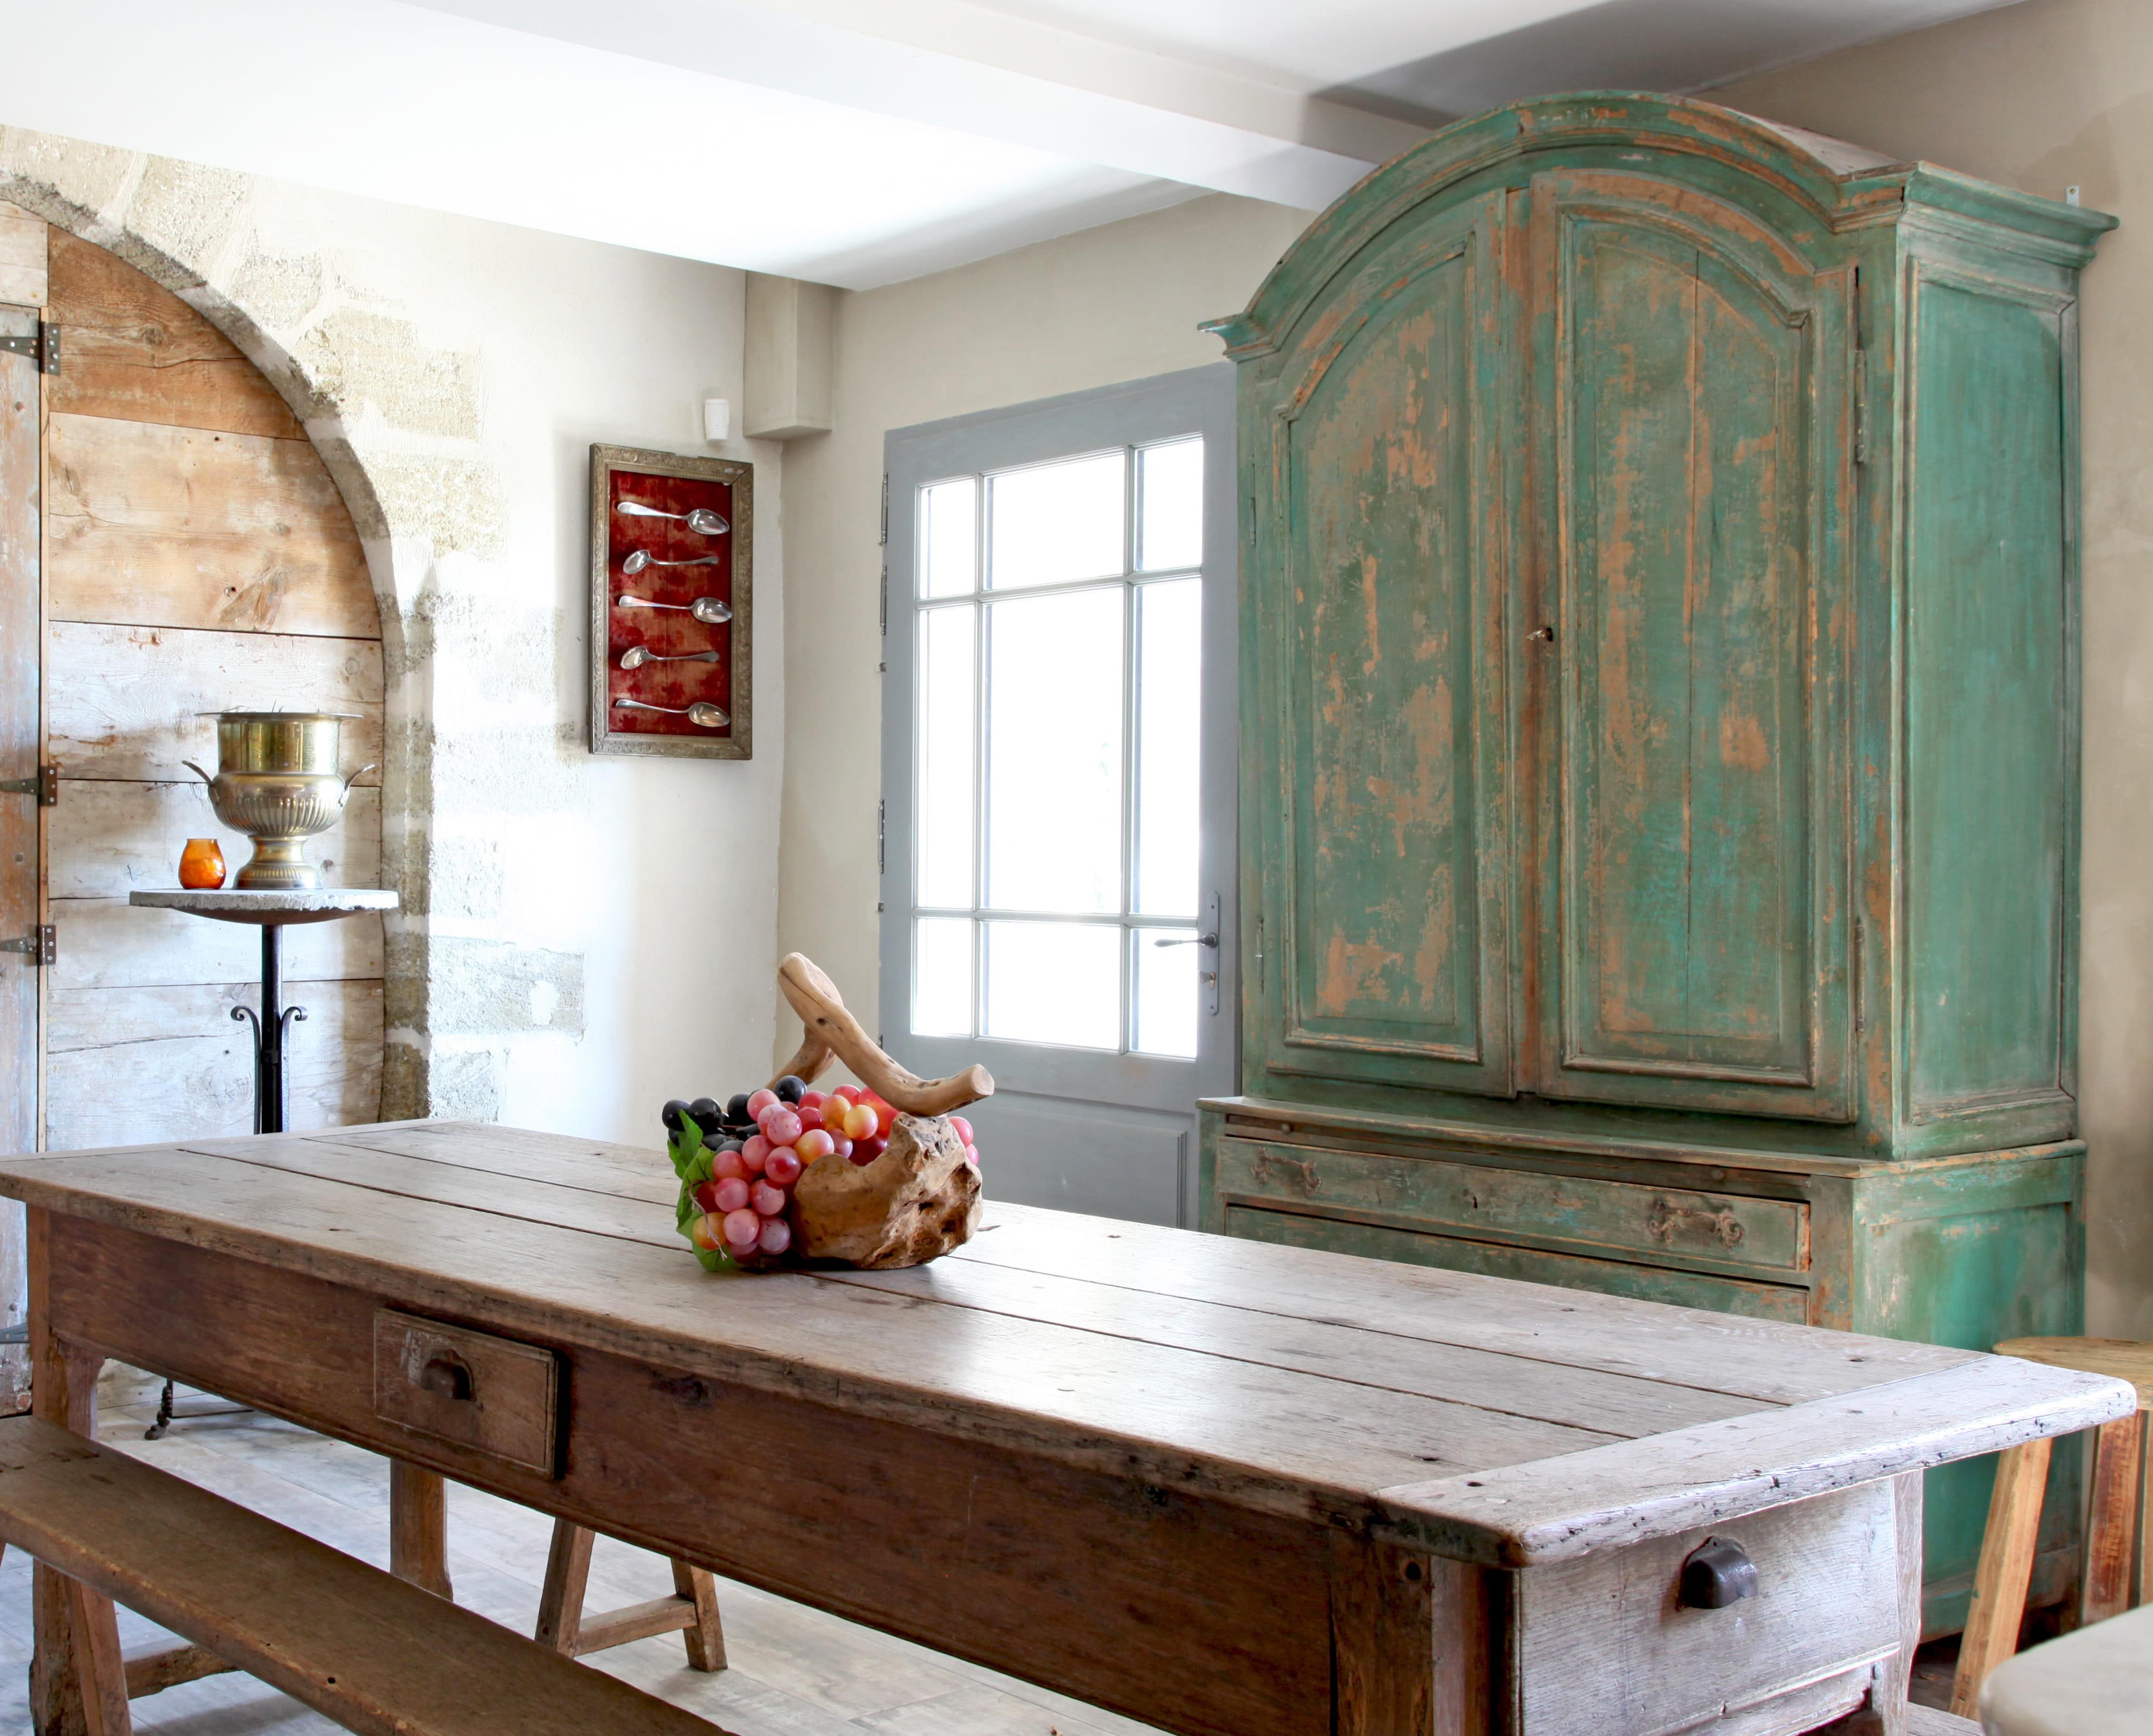 R nover meuble bois meuble bois initiales gg avant aprs - Relooker un meuble en bois ...